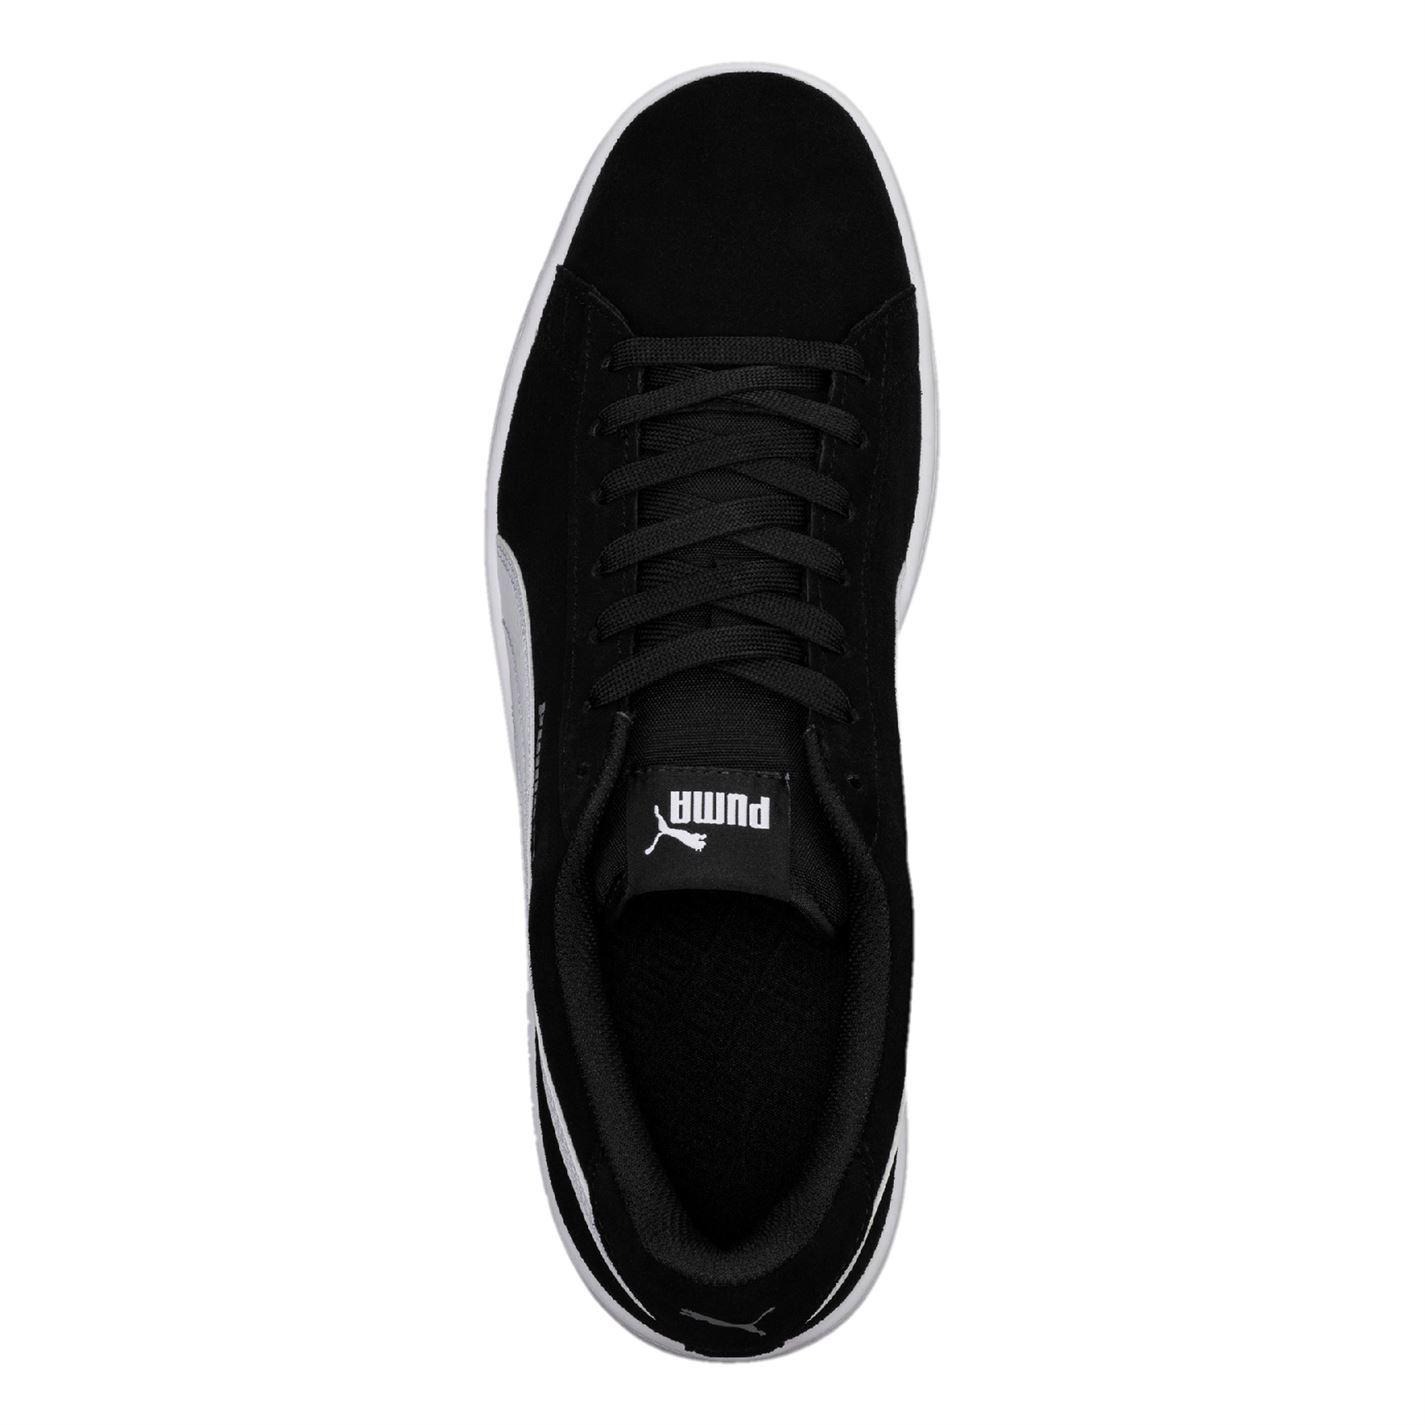 Detalles de Puma Smash V2 ante Zapatillas de Hombre NegroBlanco Informal Calzado Zapatillas